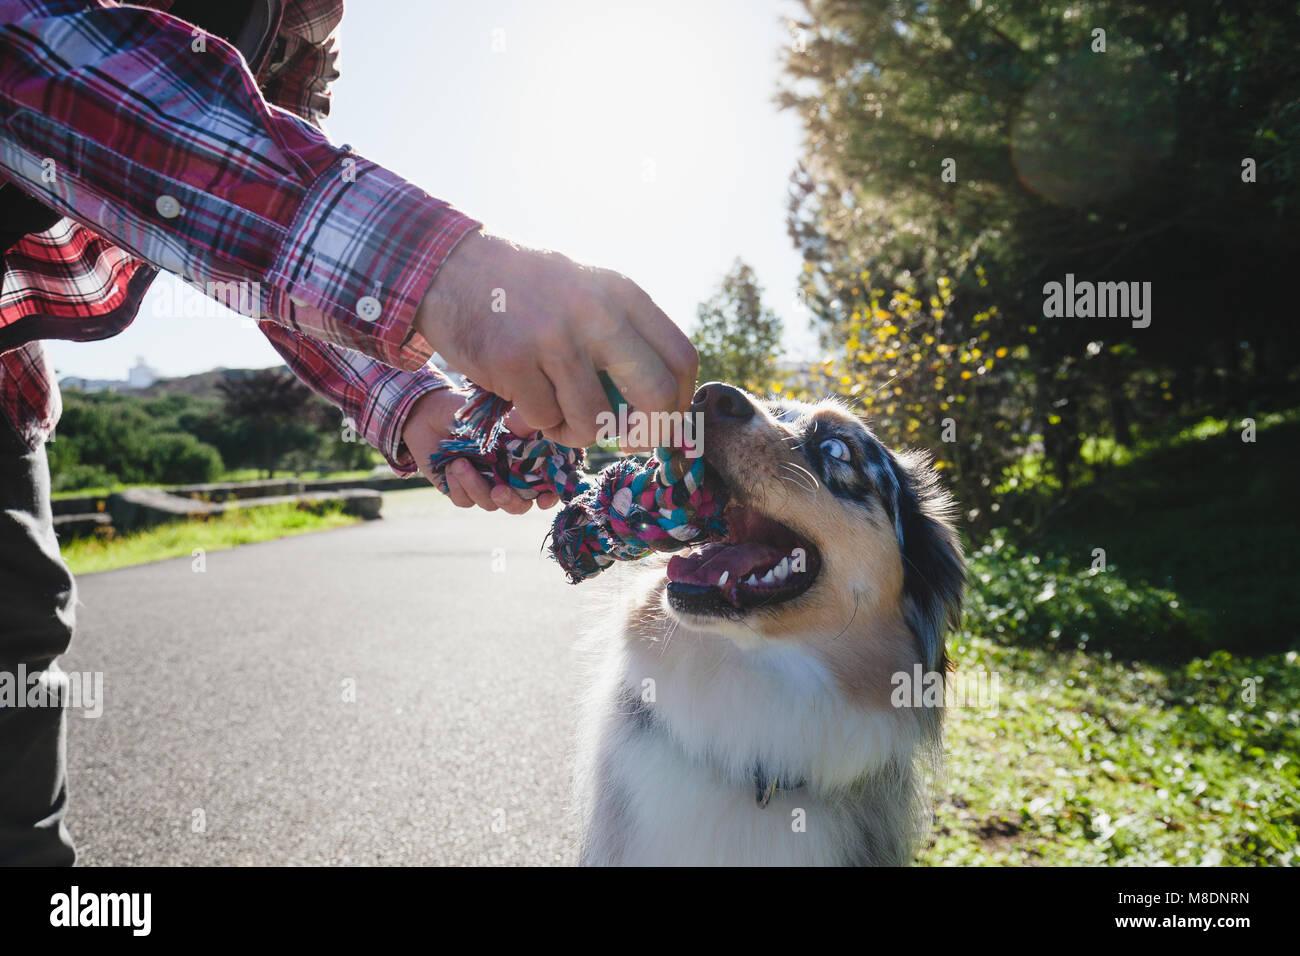 L'homme et le chien jouant avec une corde en parc, cropped Photo Stock